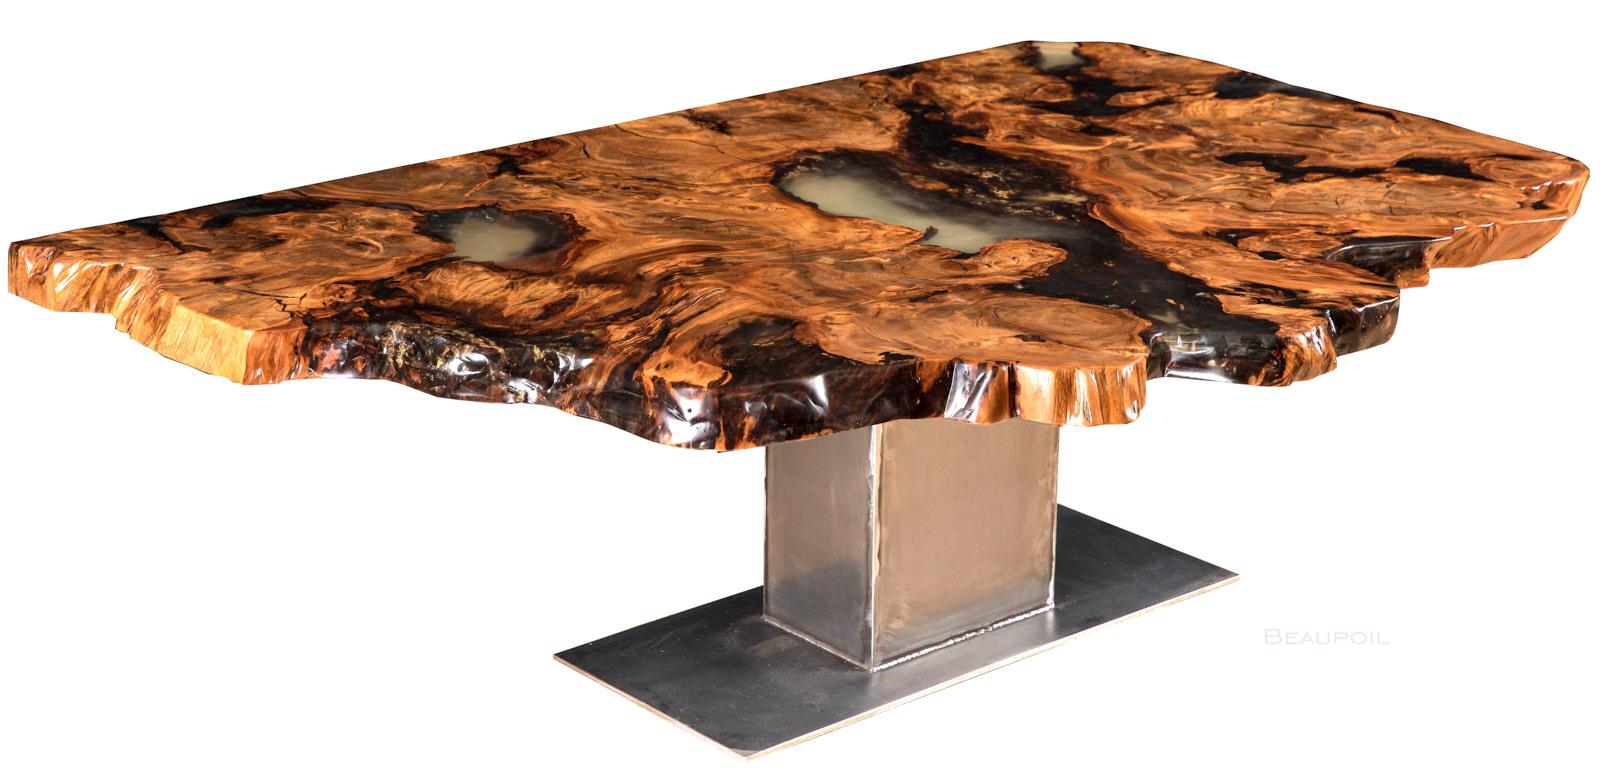 Exklusive Inneneinrichtung mit Kauri Wohnzimmertisch mit Natur Design Wurzel Tischplatte als Wohnidee, Naturholztisch für exquisite Wohn- Büro- Esszimmereinrichtung